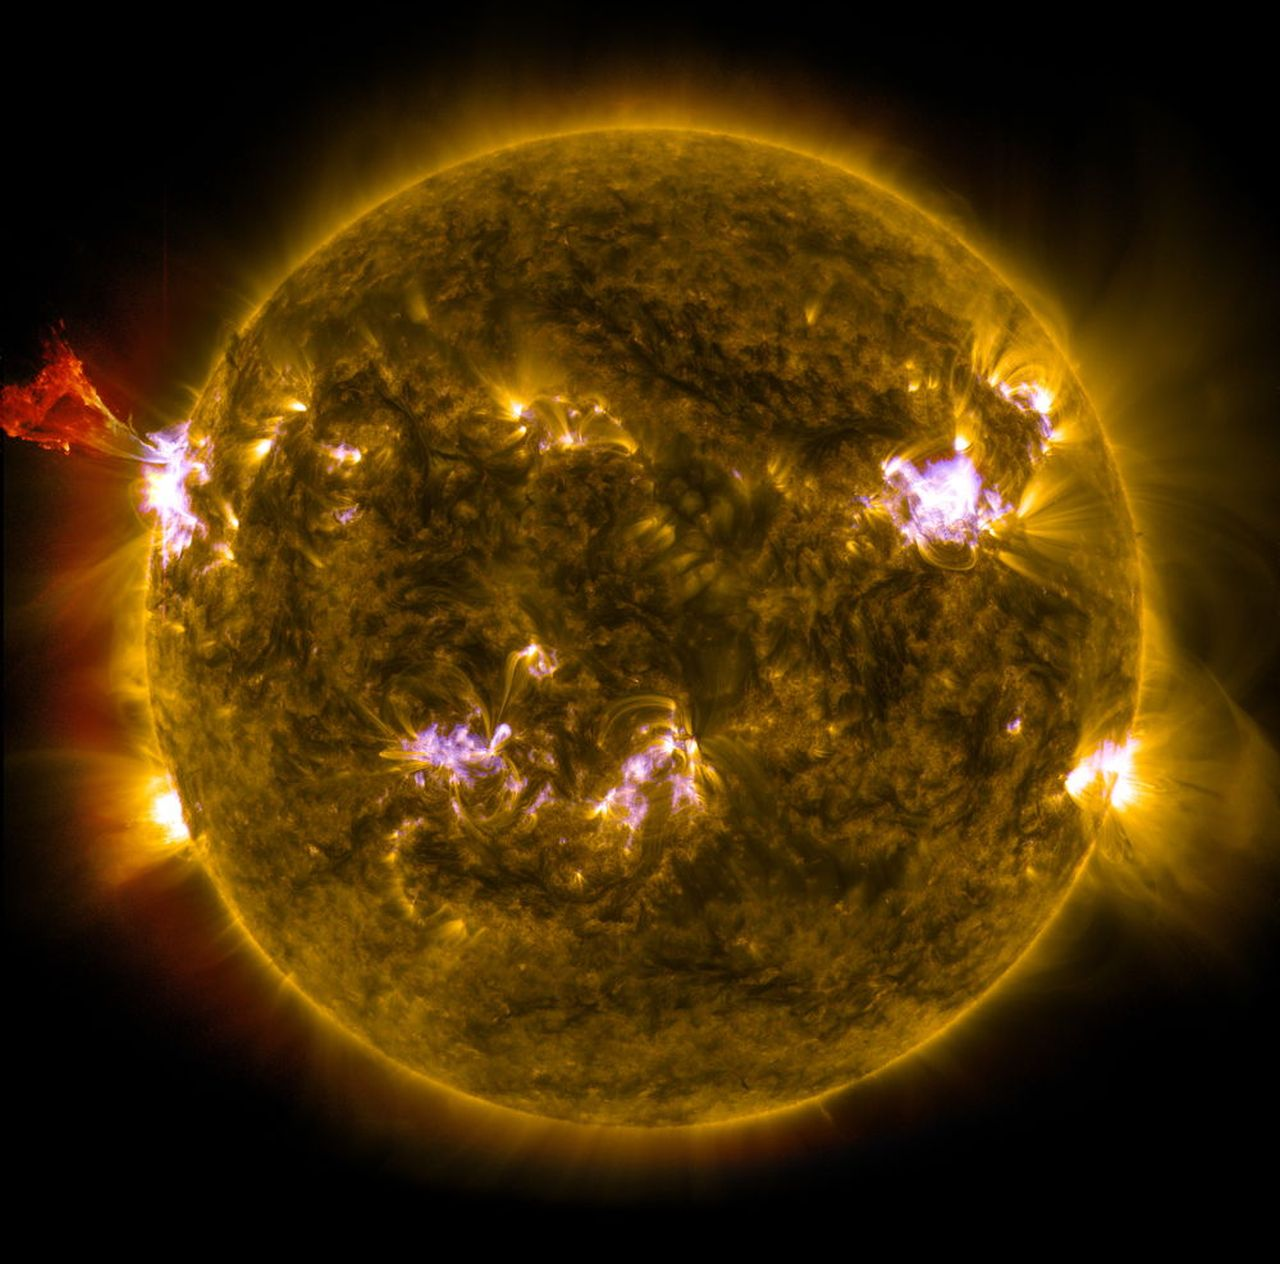 Cea mai mare erupție solară din 2017 până acum